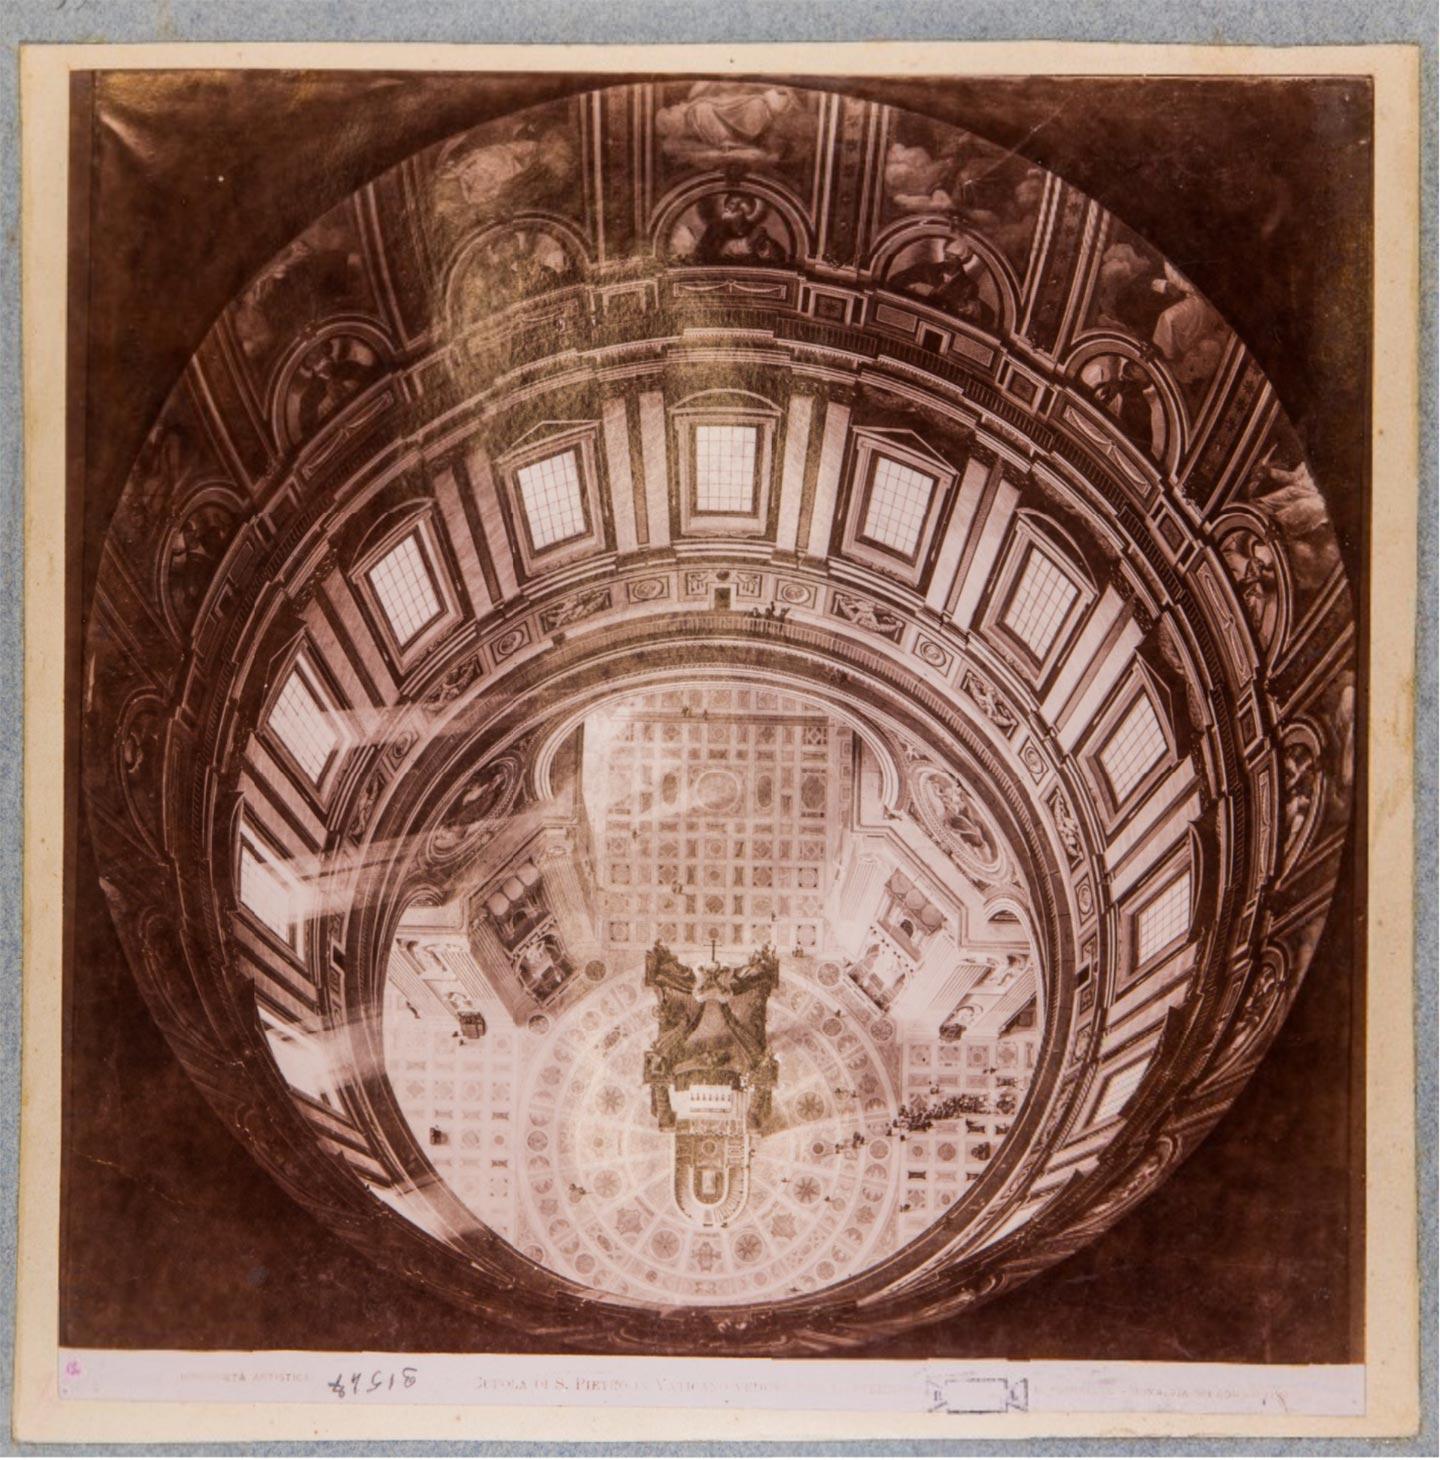 Cupola di S. Pietro in Vaticano. Veduta dal lanternino, 1900